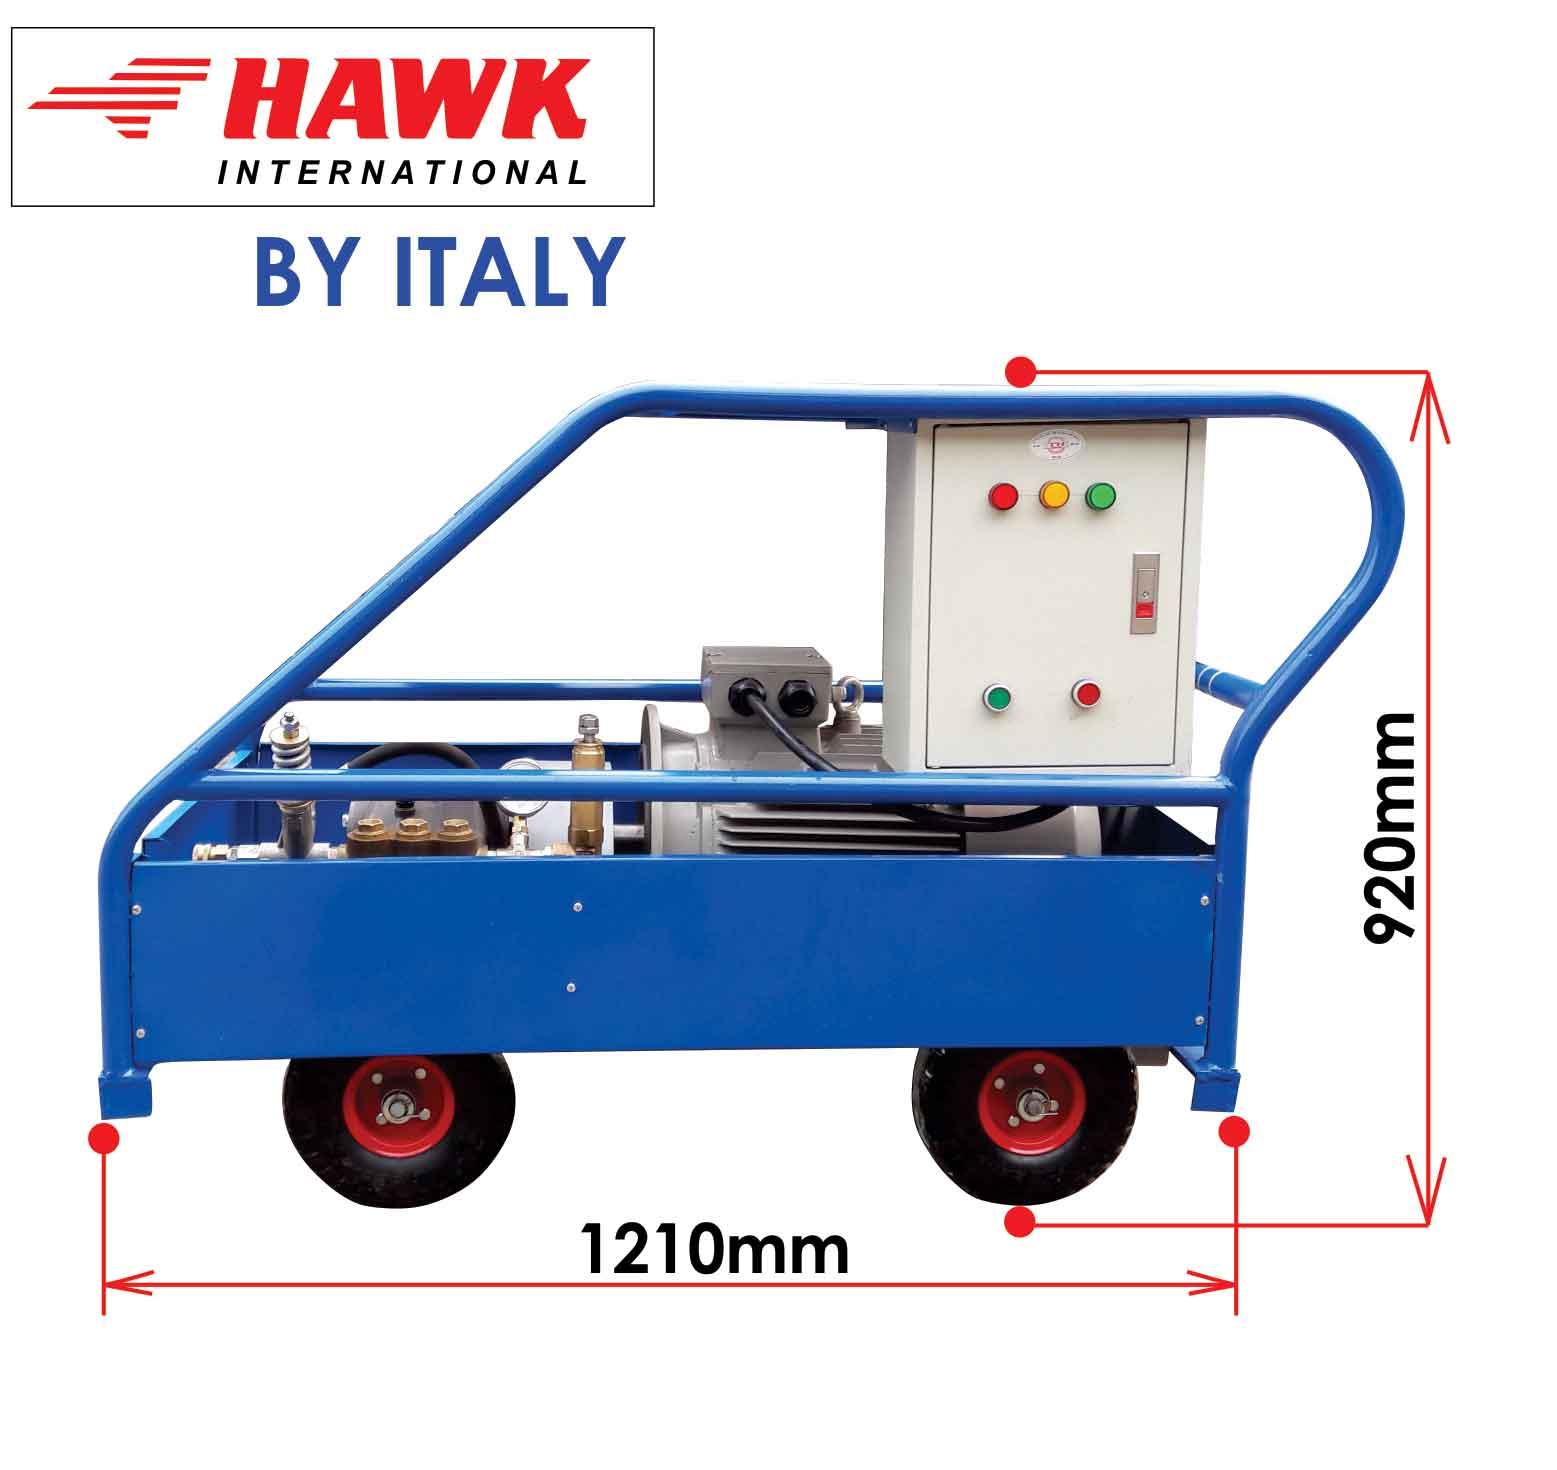 máy phun rửa công nghiệp 22KW, máy rửa công nghiệp 22 KW, máy phun rửa siêu áp 22KW